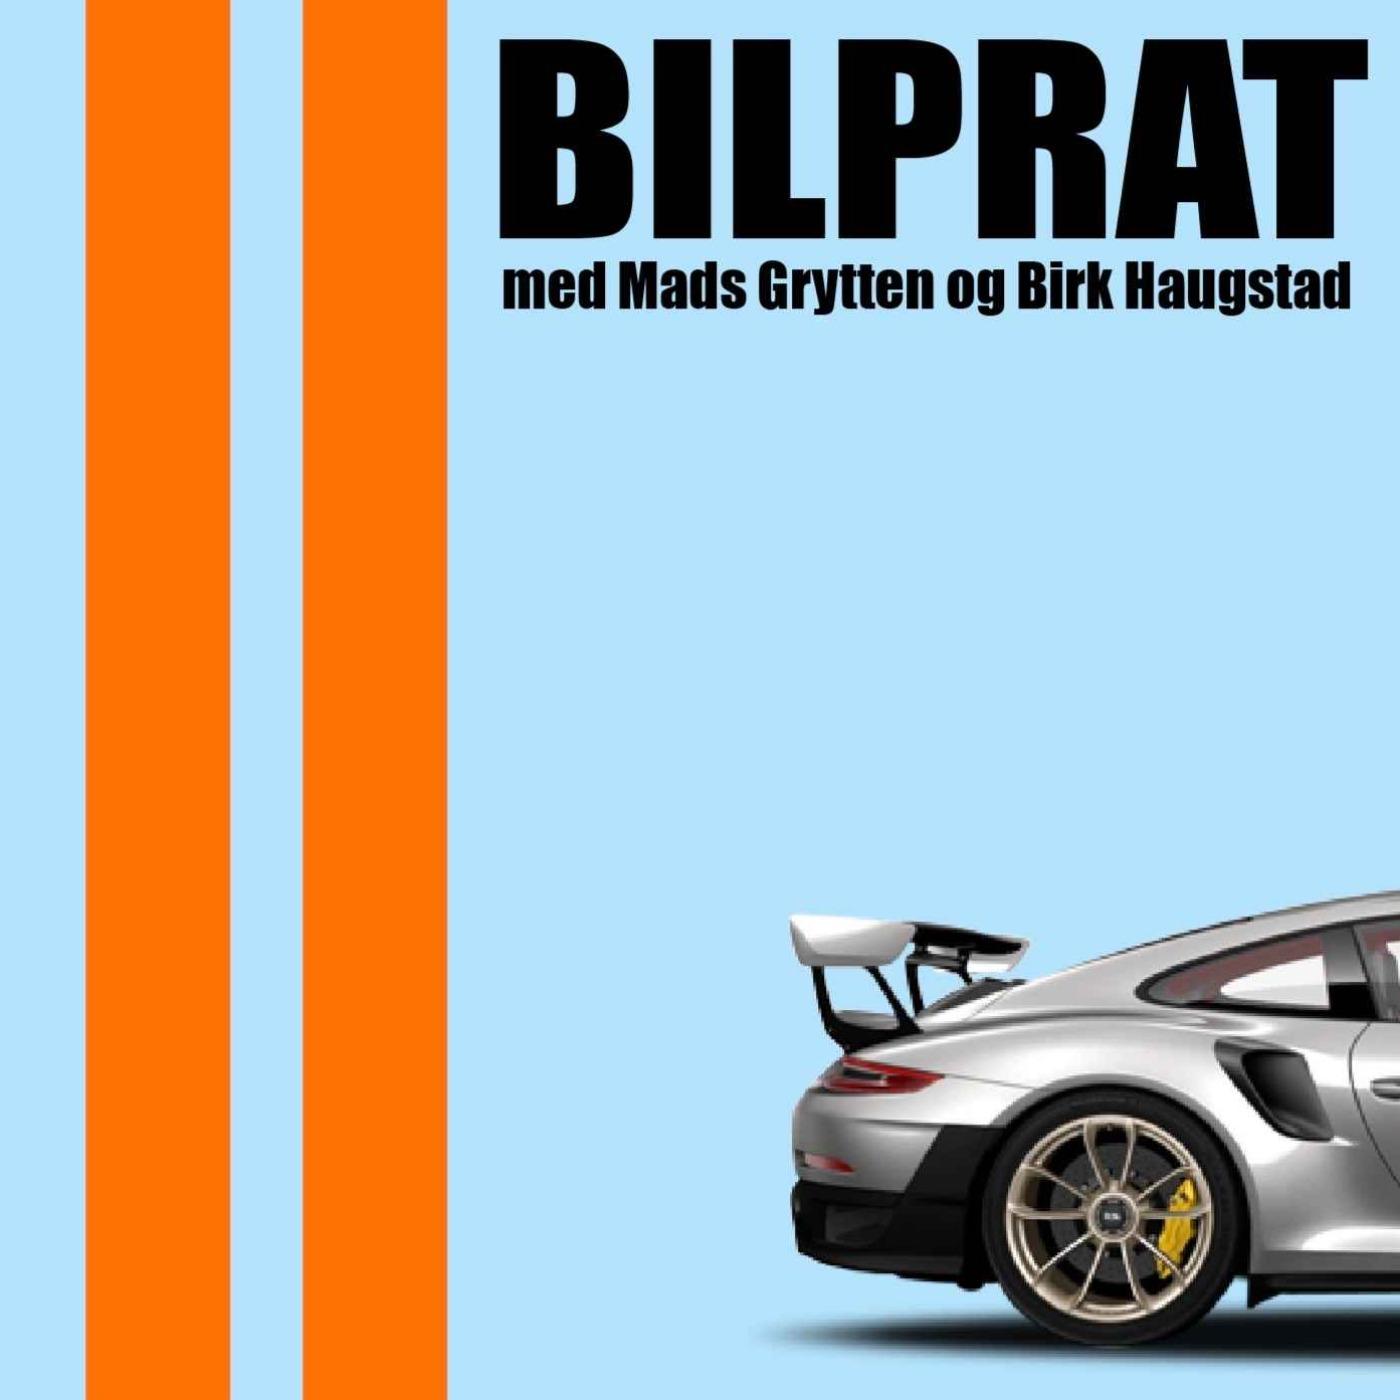 S03E04 - Vårprep, trackday, nye BMW M2 og Adel Waage er gjest/co-host.